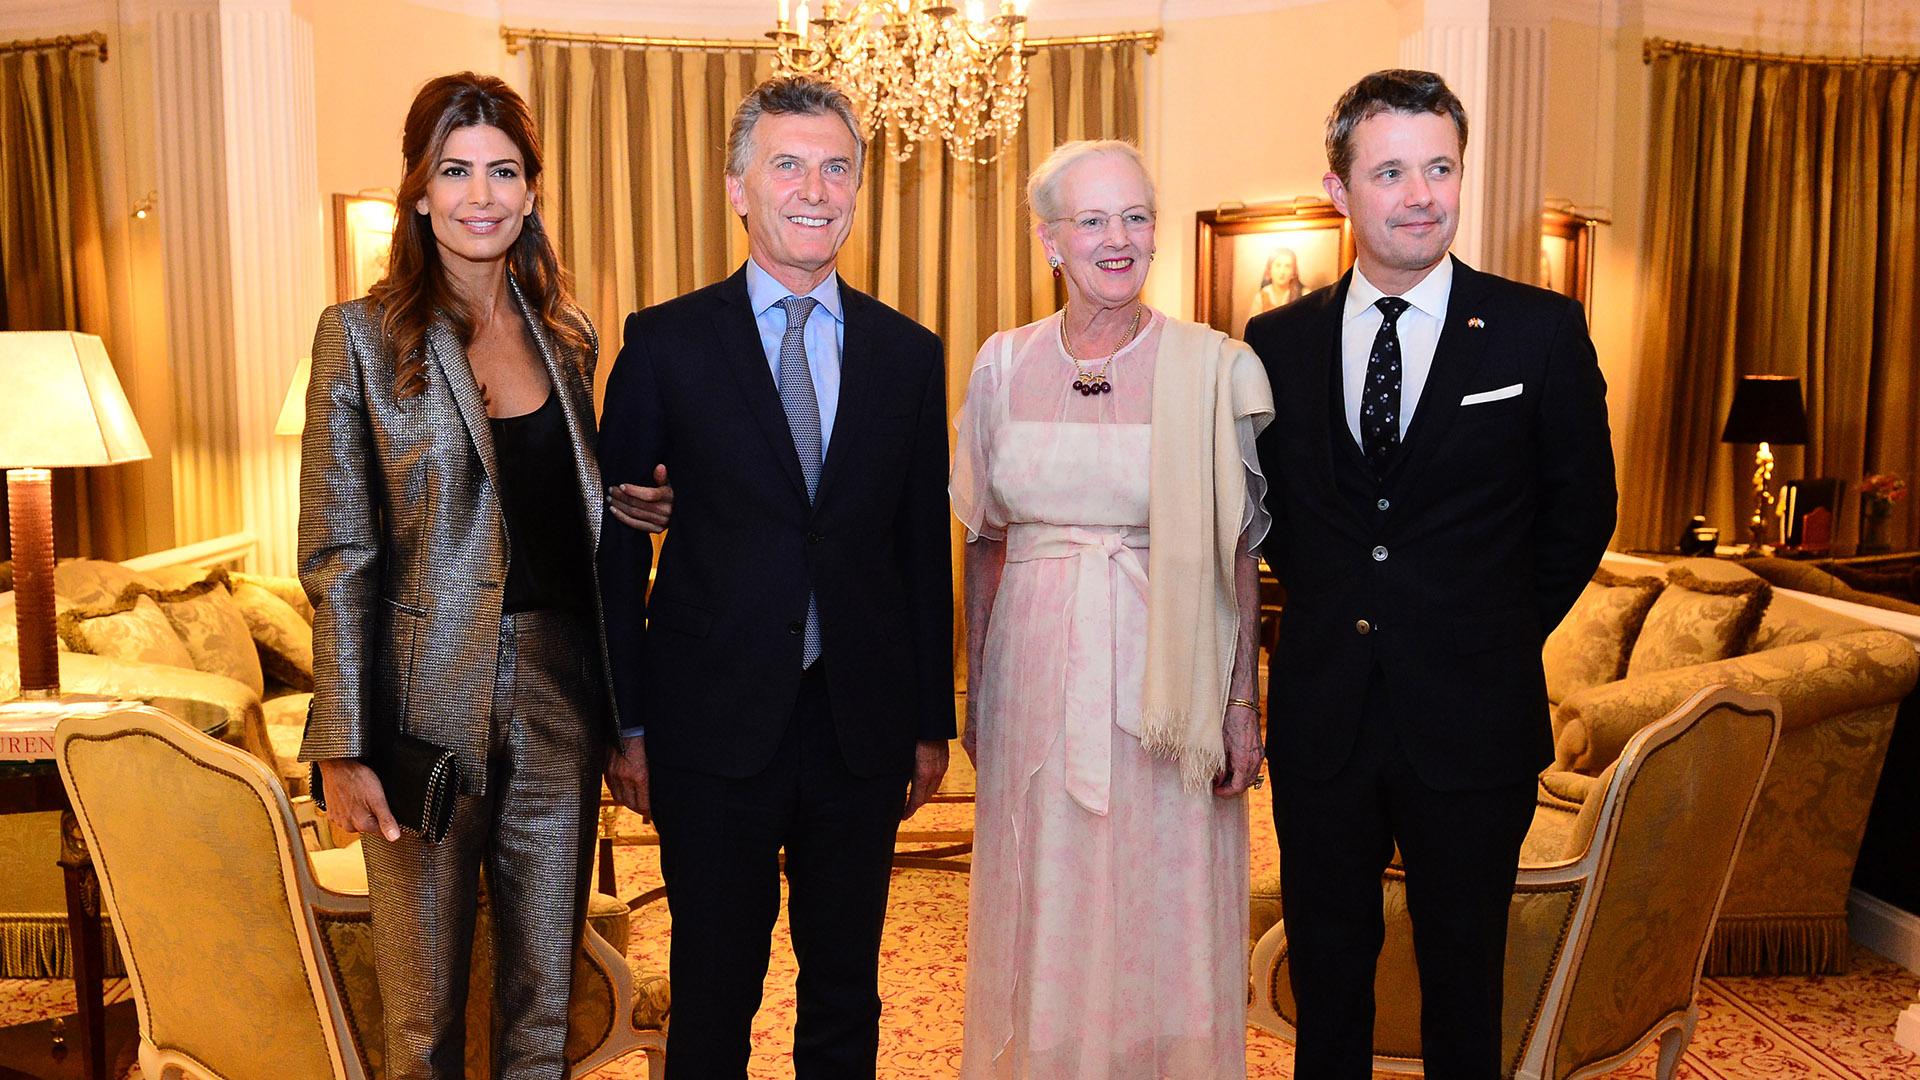 Junto al presidente Mauricio Macri y la primera dama Juliana Awada (Presidencia)